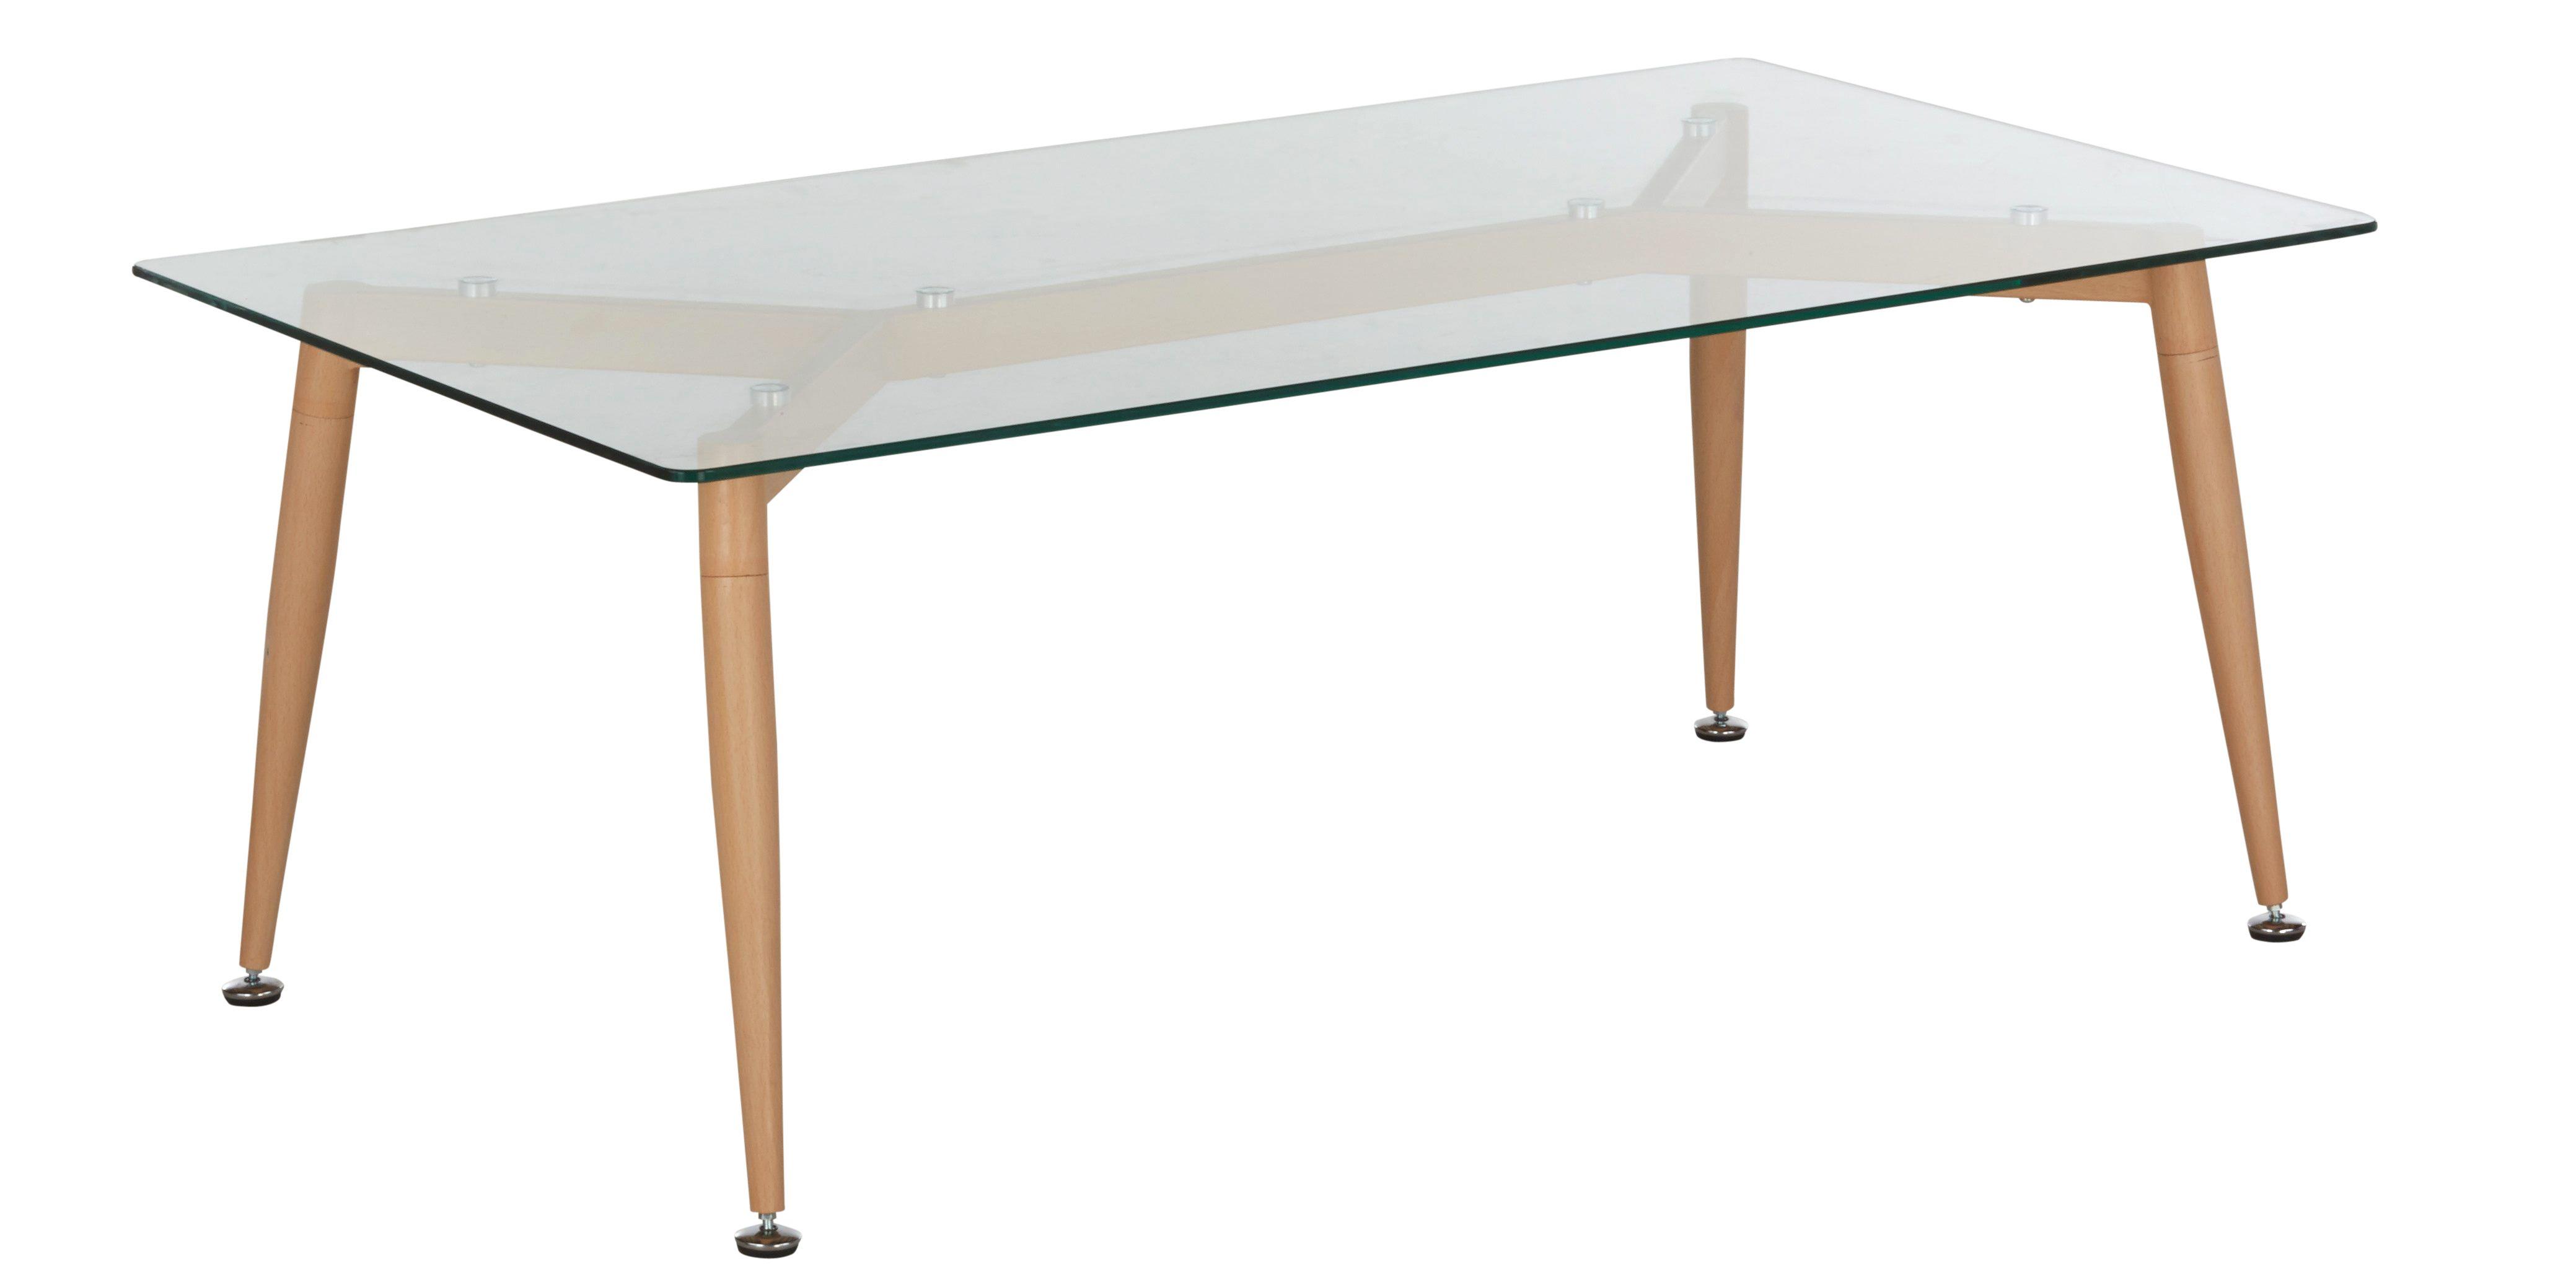 Achat Meubles Canape Lit Matelas Table Salon Et Bureau Achat Electromenager Tv Et Hi Fi Le Design Pas Cher Table Basse Table Mobilier De Salon